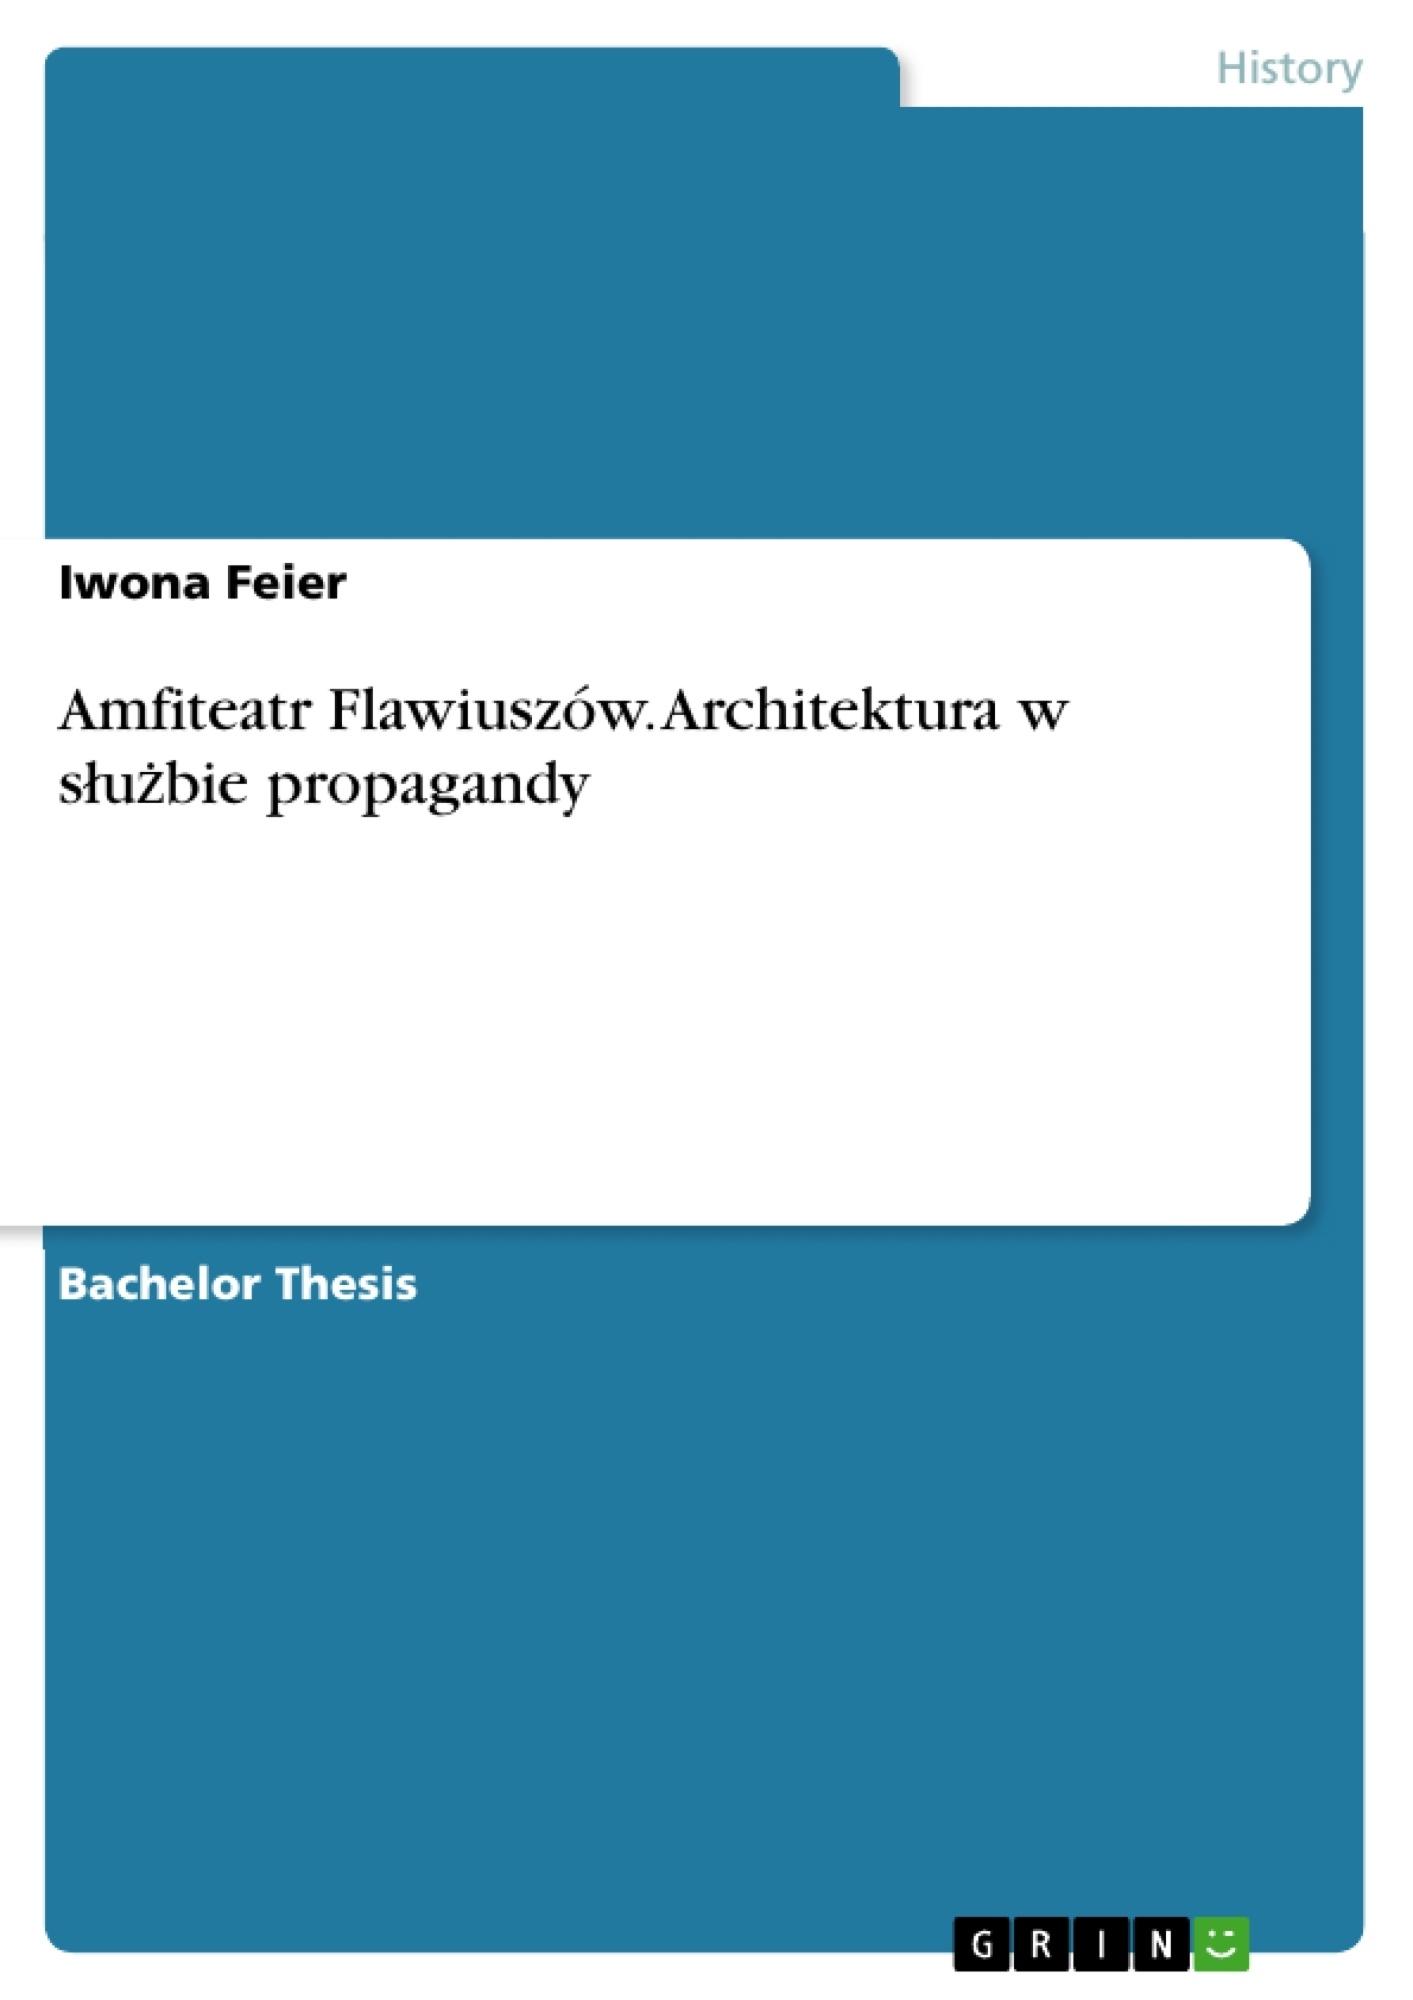 Title: Amfiteatr Flawiuszów. Architektura w służbie propagandy